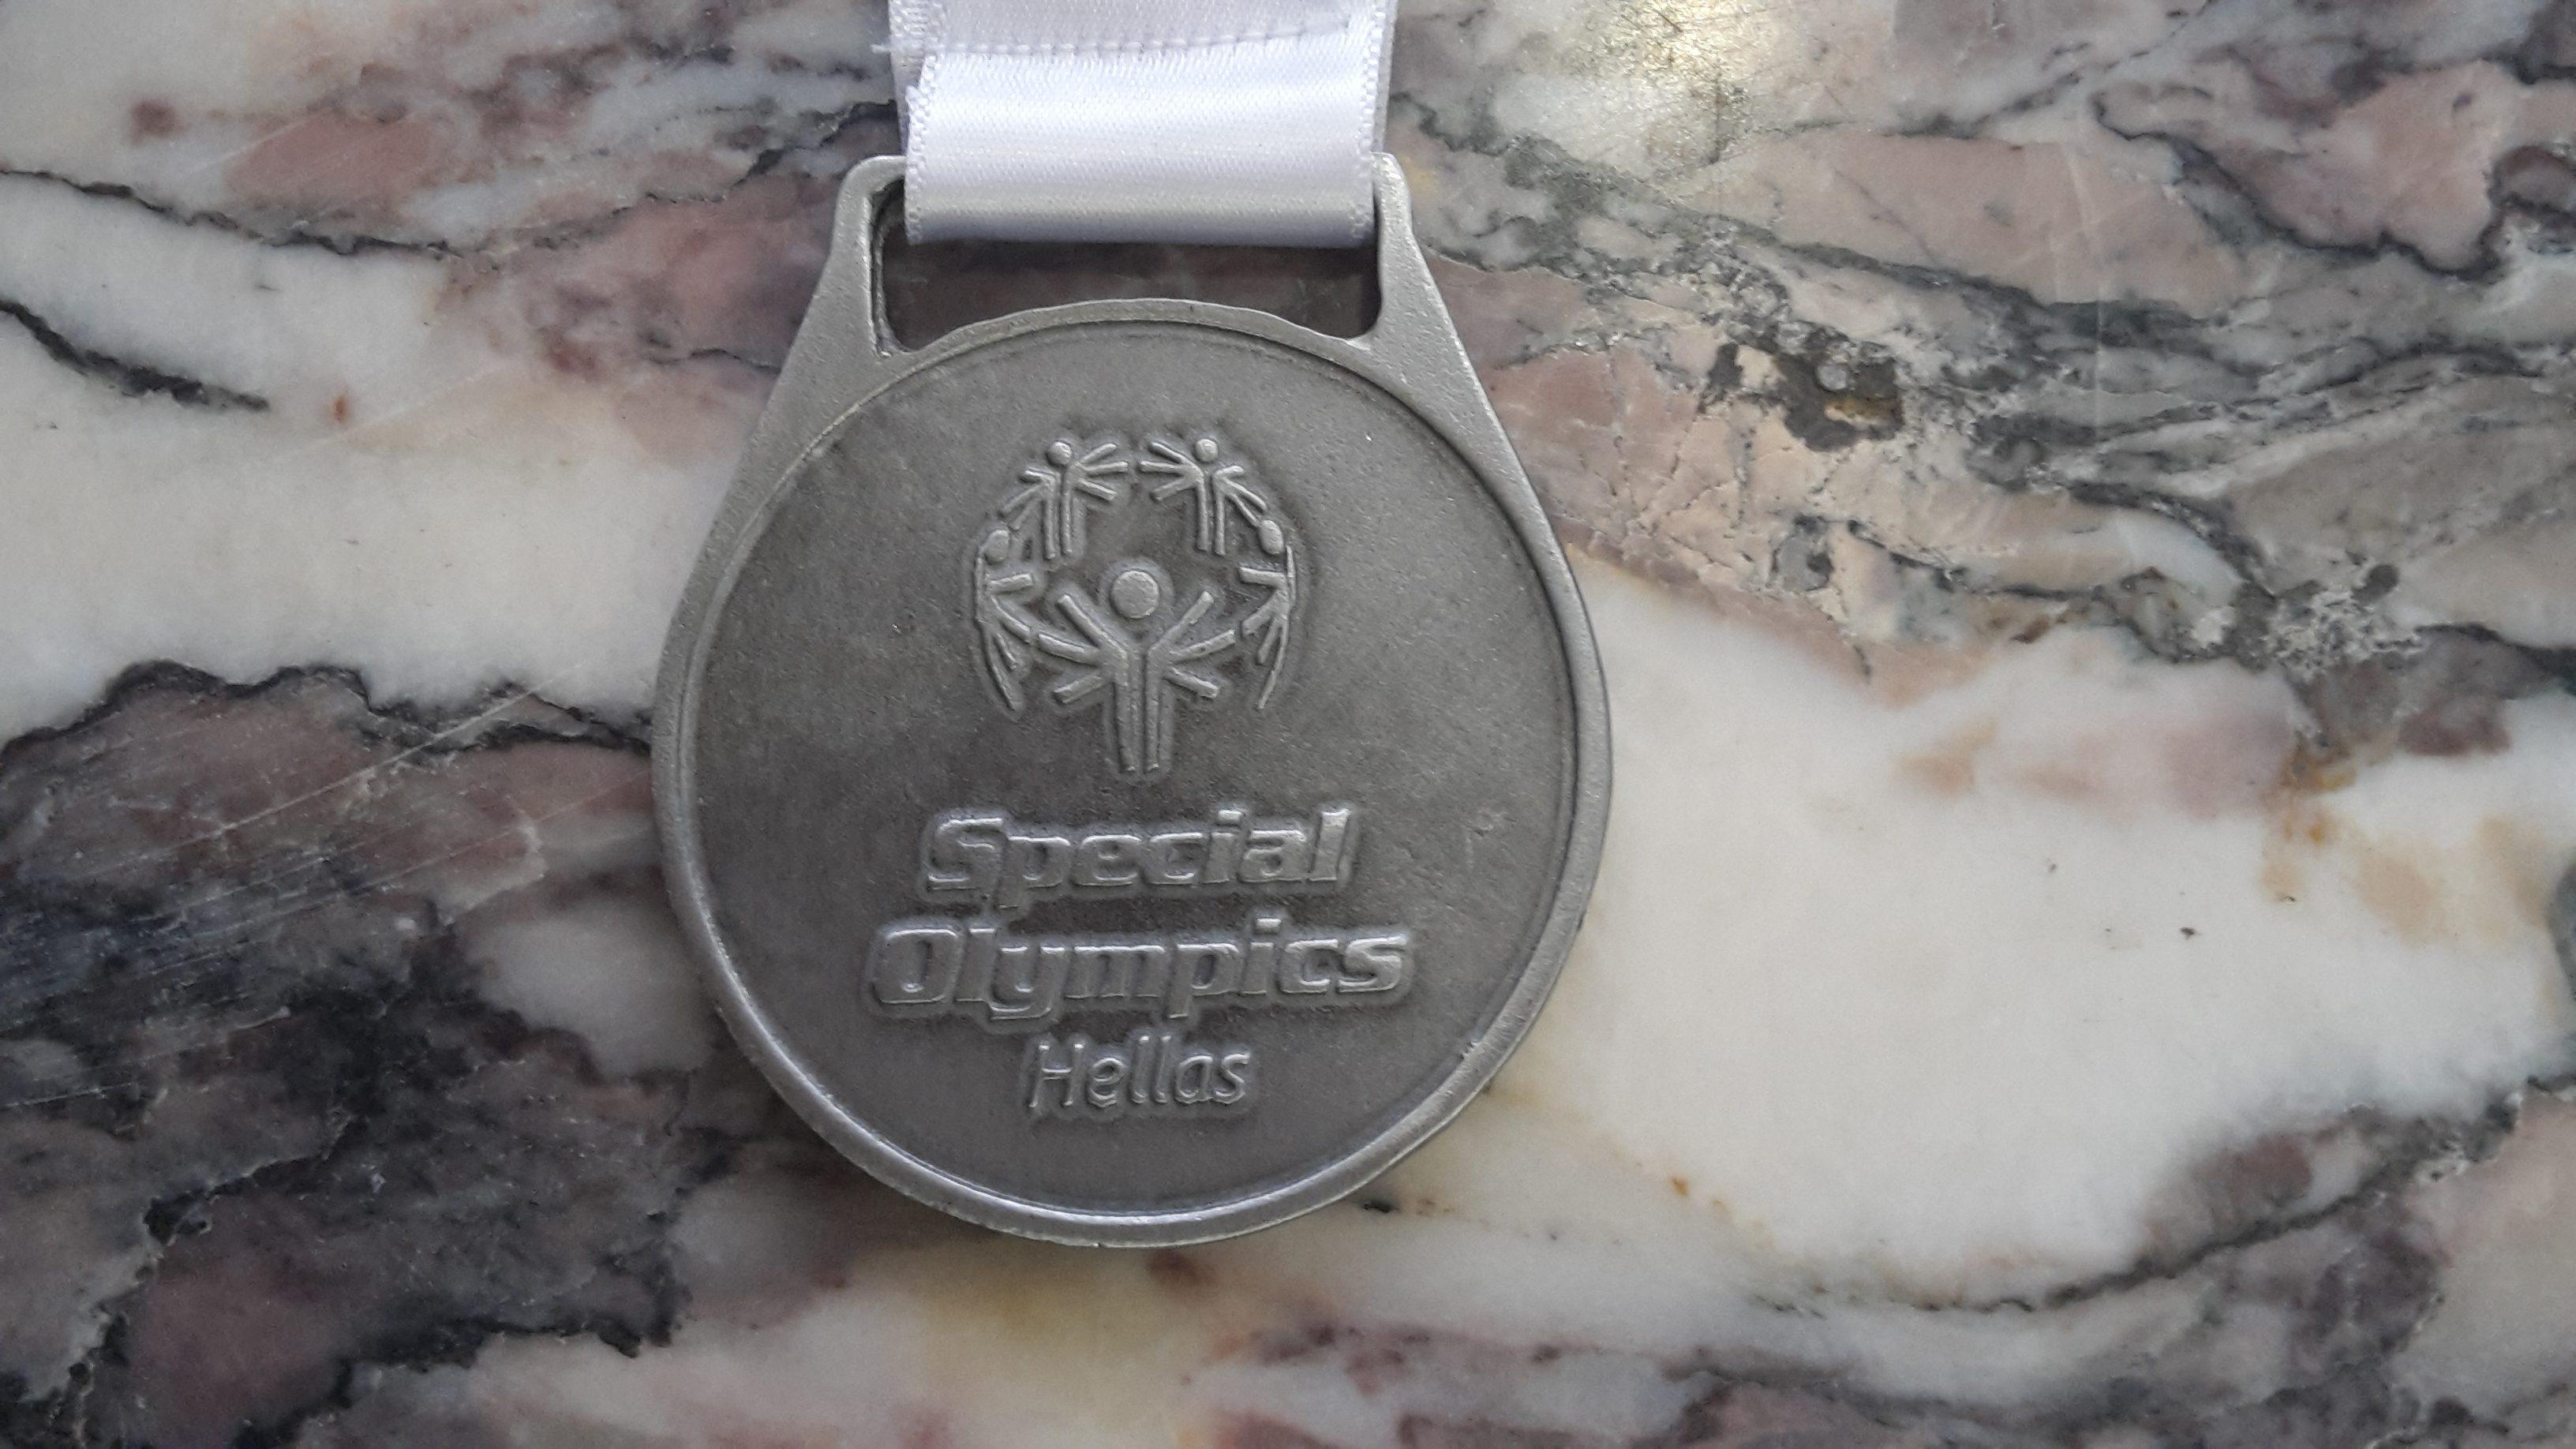 anamnistika-special olympics 3